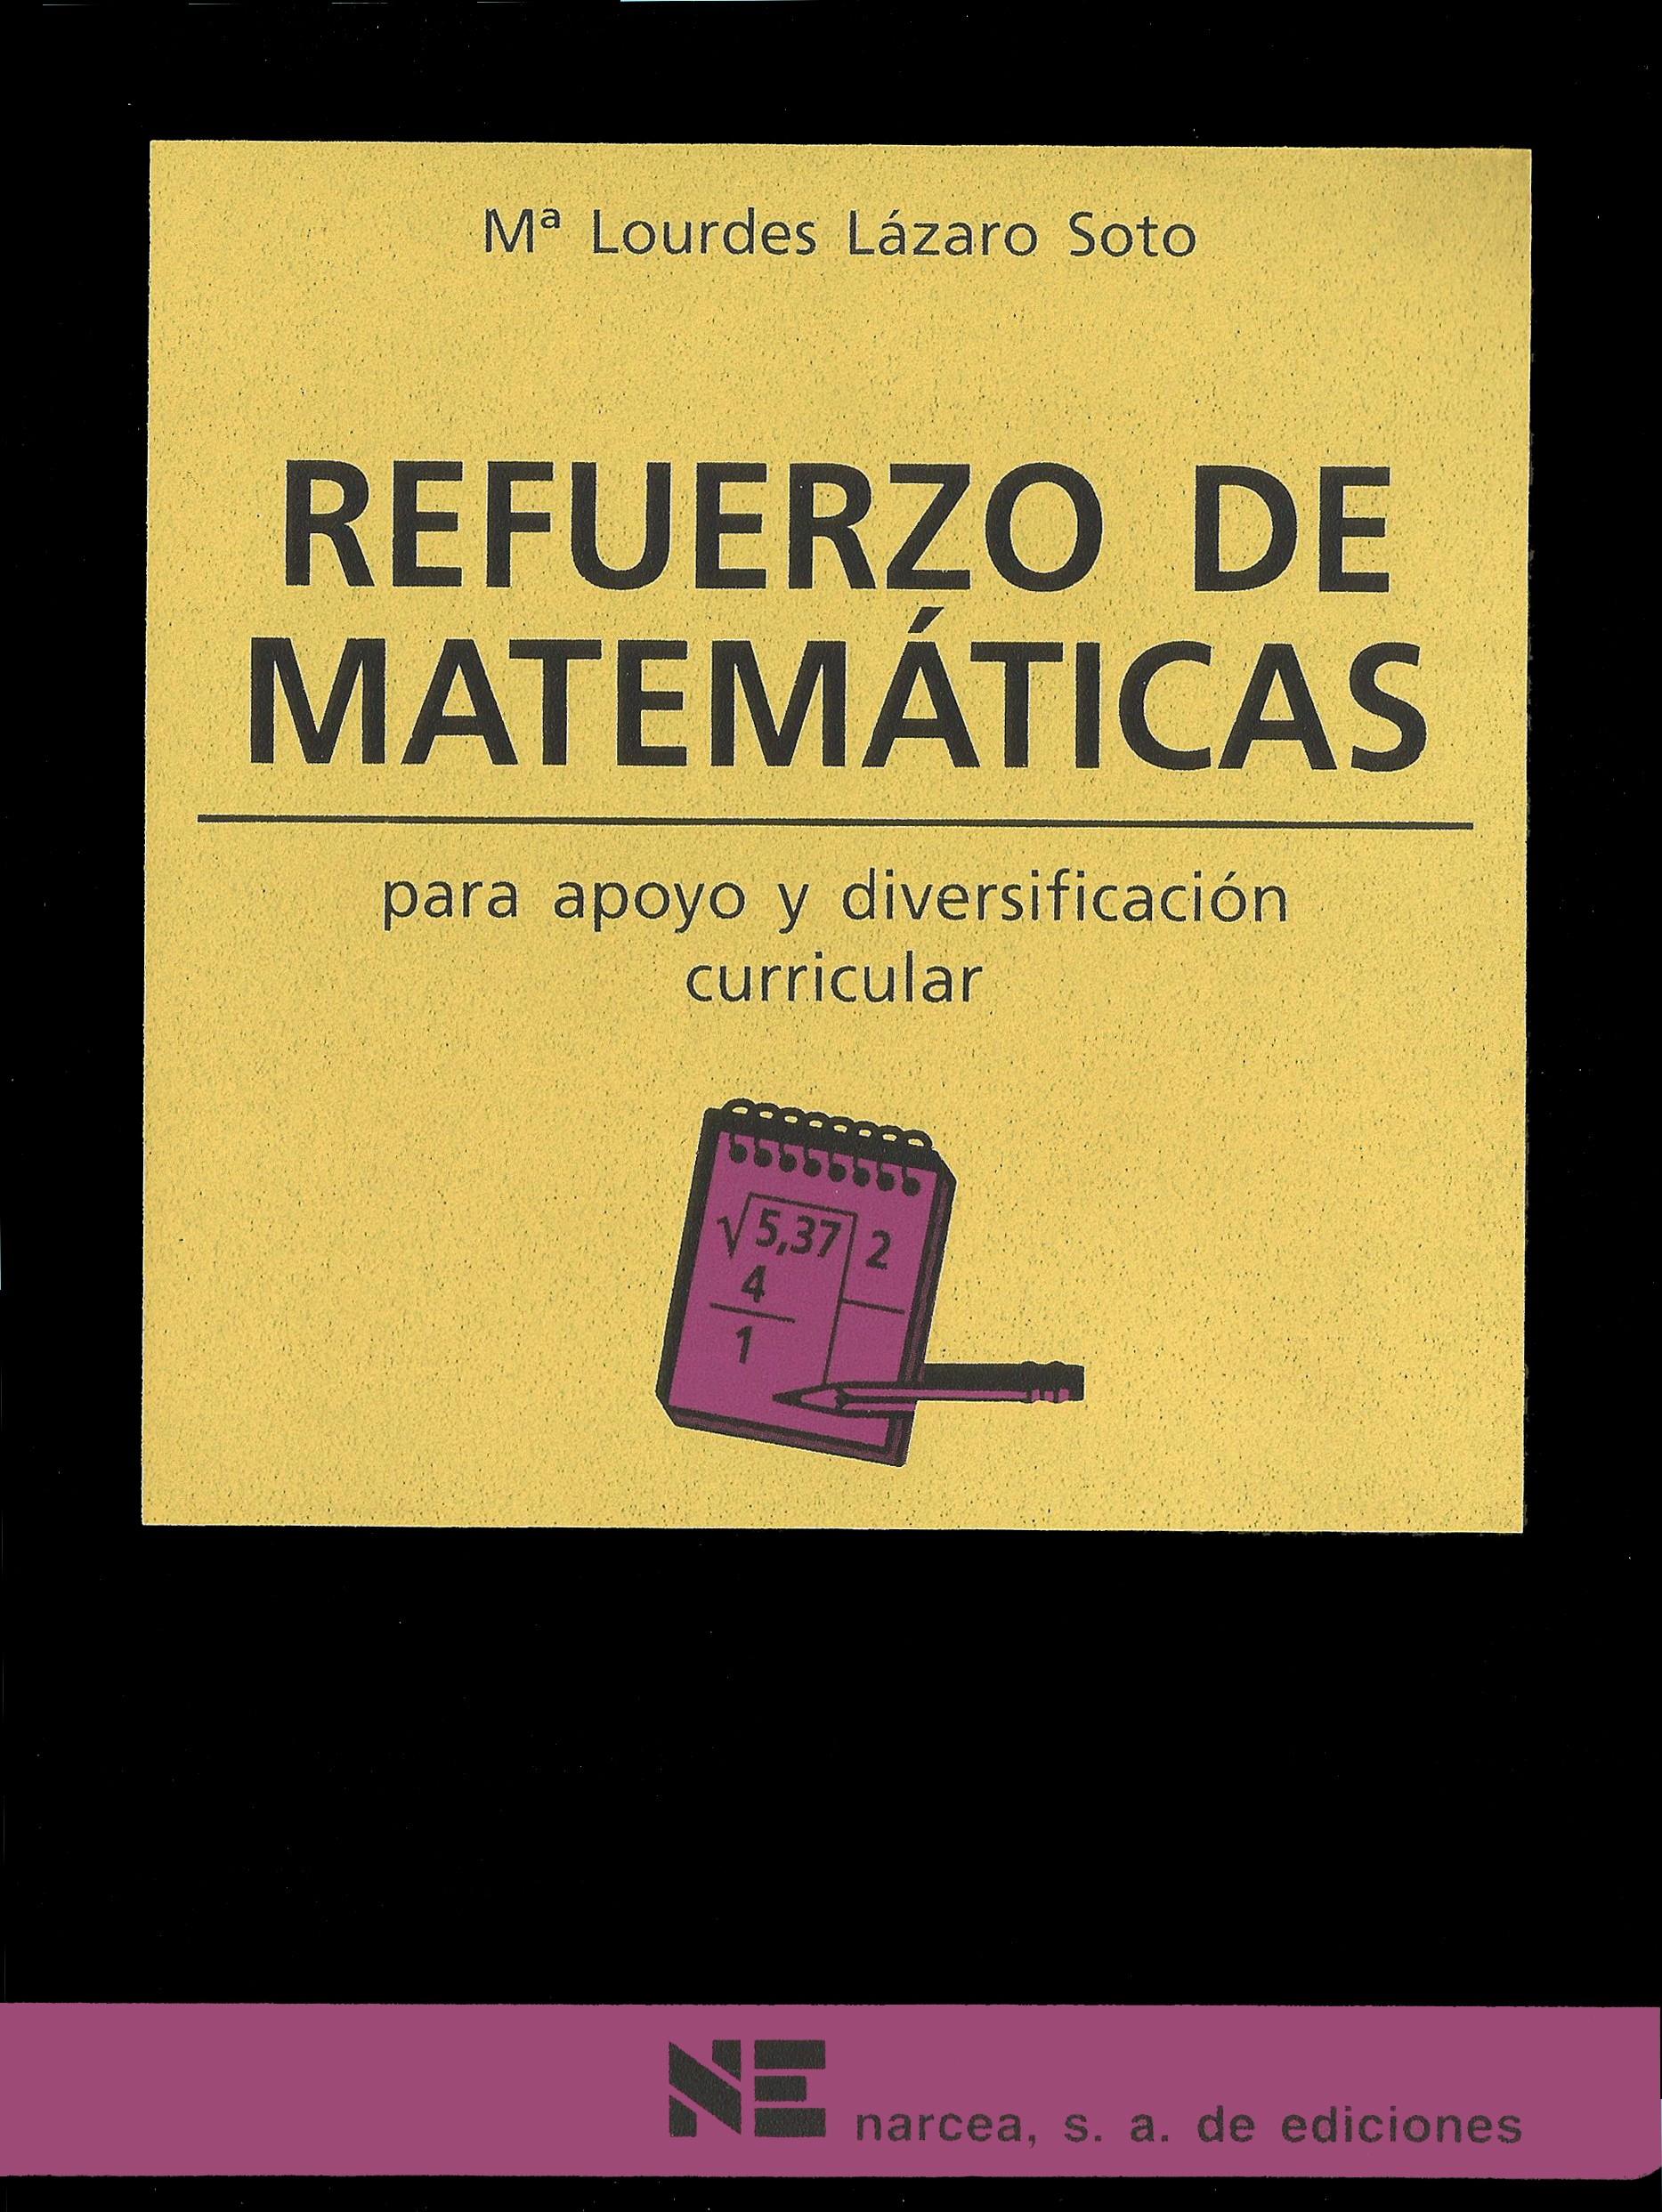 Refuerzo de Matemáticas